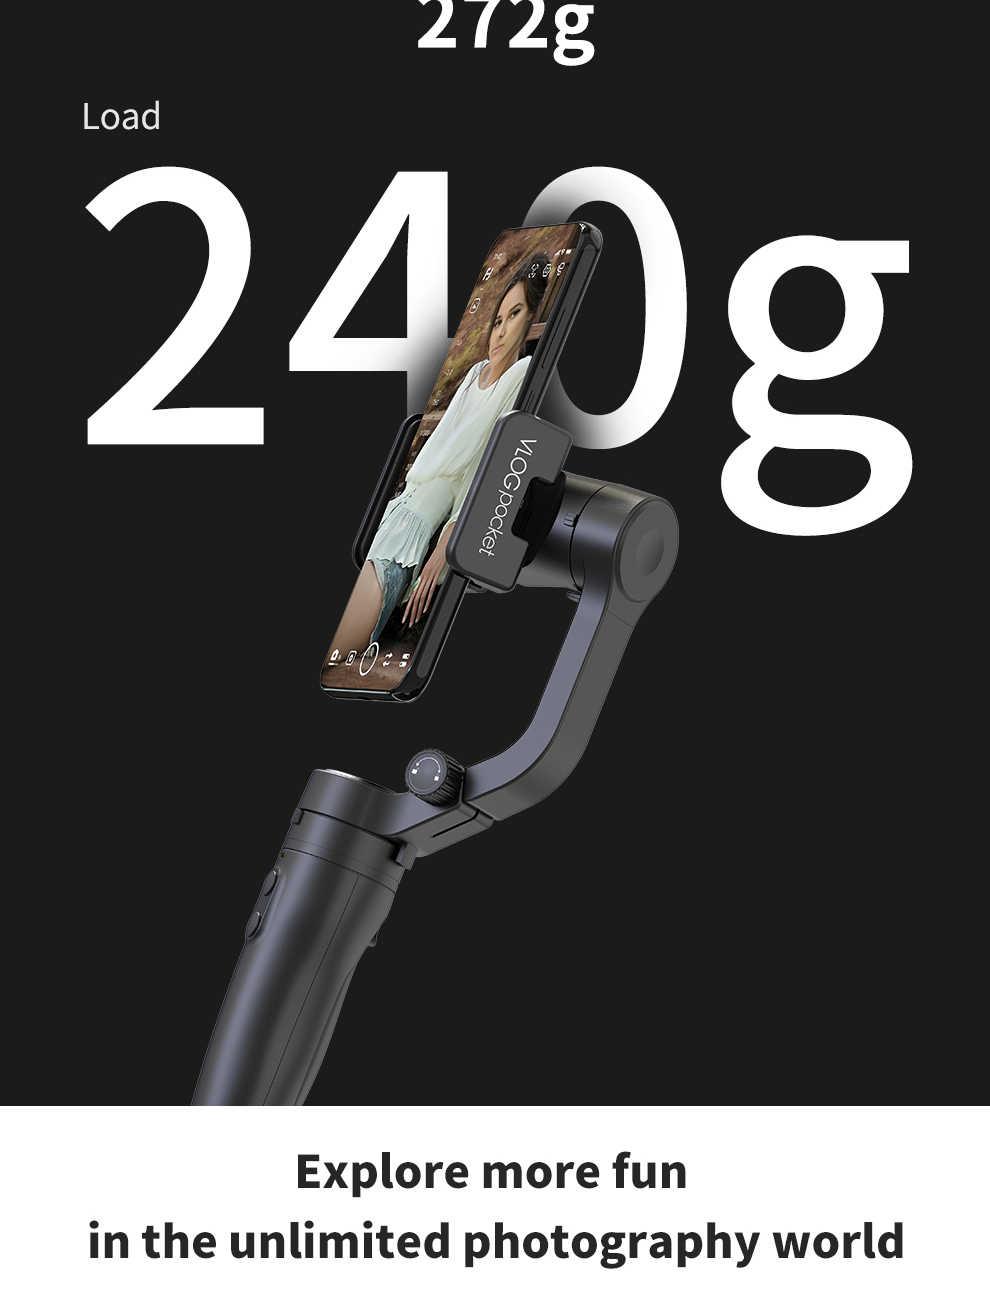 Обратитесь в службу поддержки по Feiyu Tech Vimble 2/Vlog Карманный 3-осевой шарнирный стабилизатор для смартфона стабилизатор, выдвигаемая ручная   36/5000 Обратитесь в службу поддержки по купонам PK DJI Osmo 2 Zhiyun